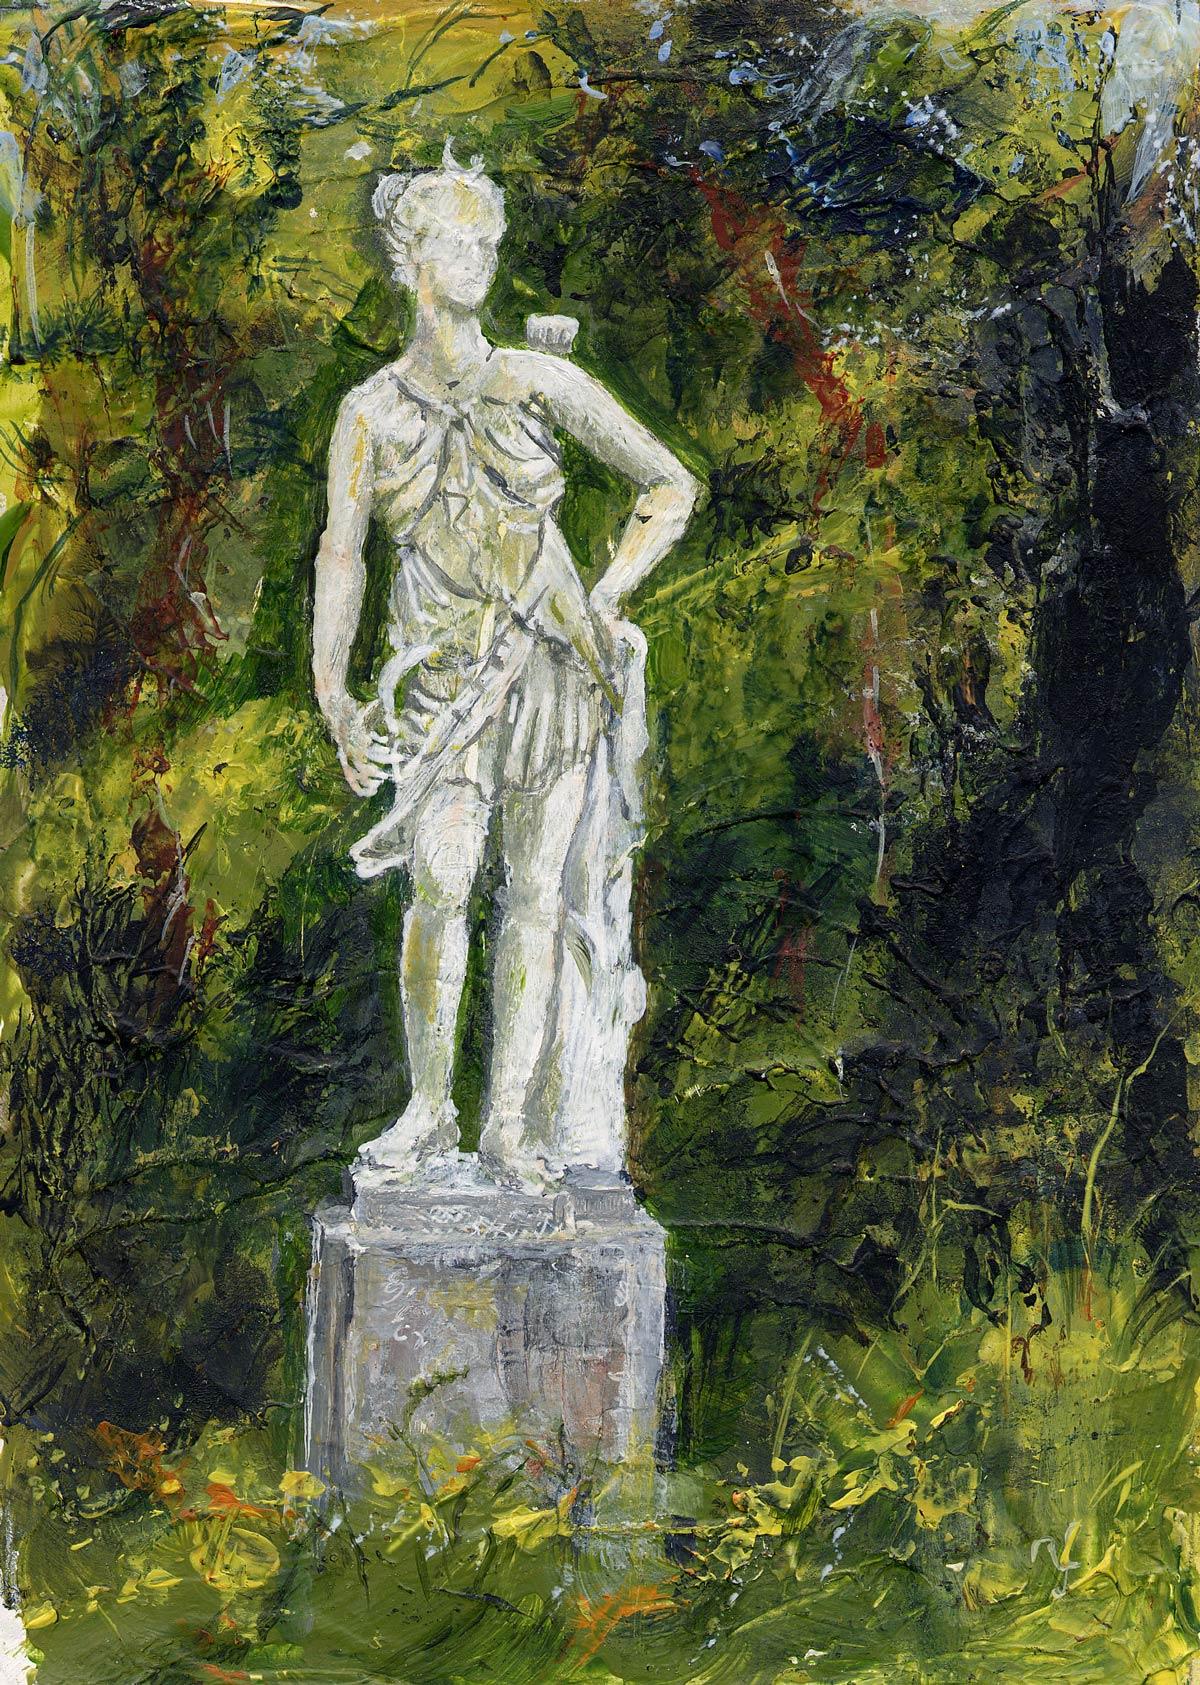 Statue in Hinton Ampner gardens II 17 x 13 cm